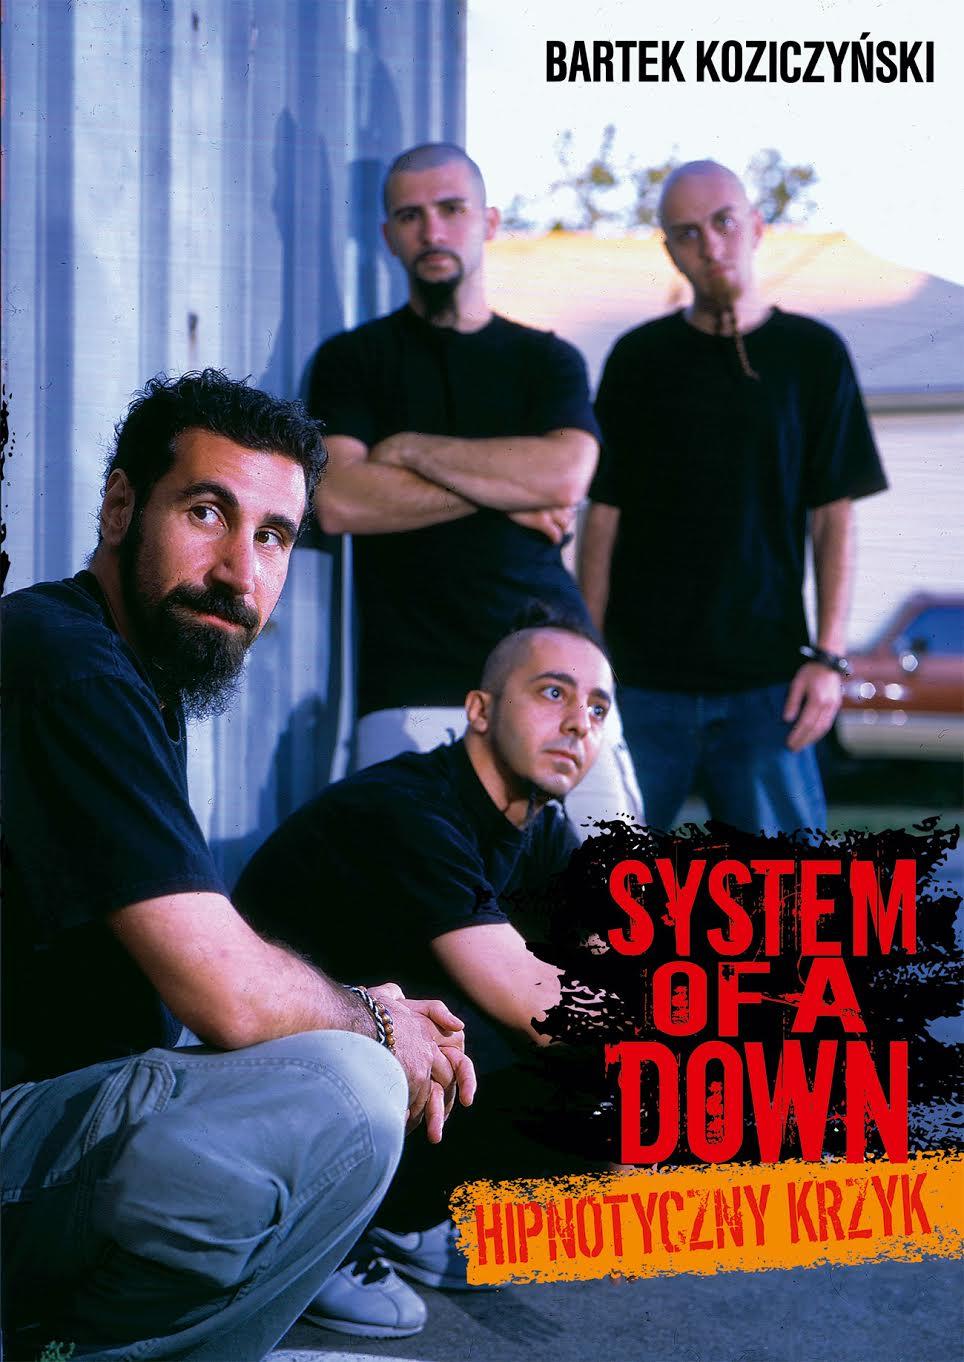 Bartek Koziczyński-System Of A Down. Hipnotyczny krzyk